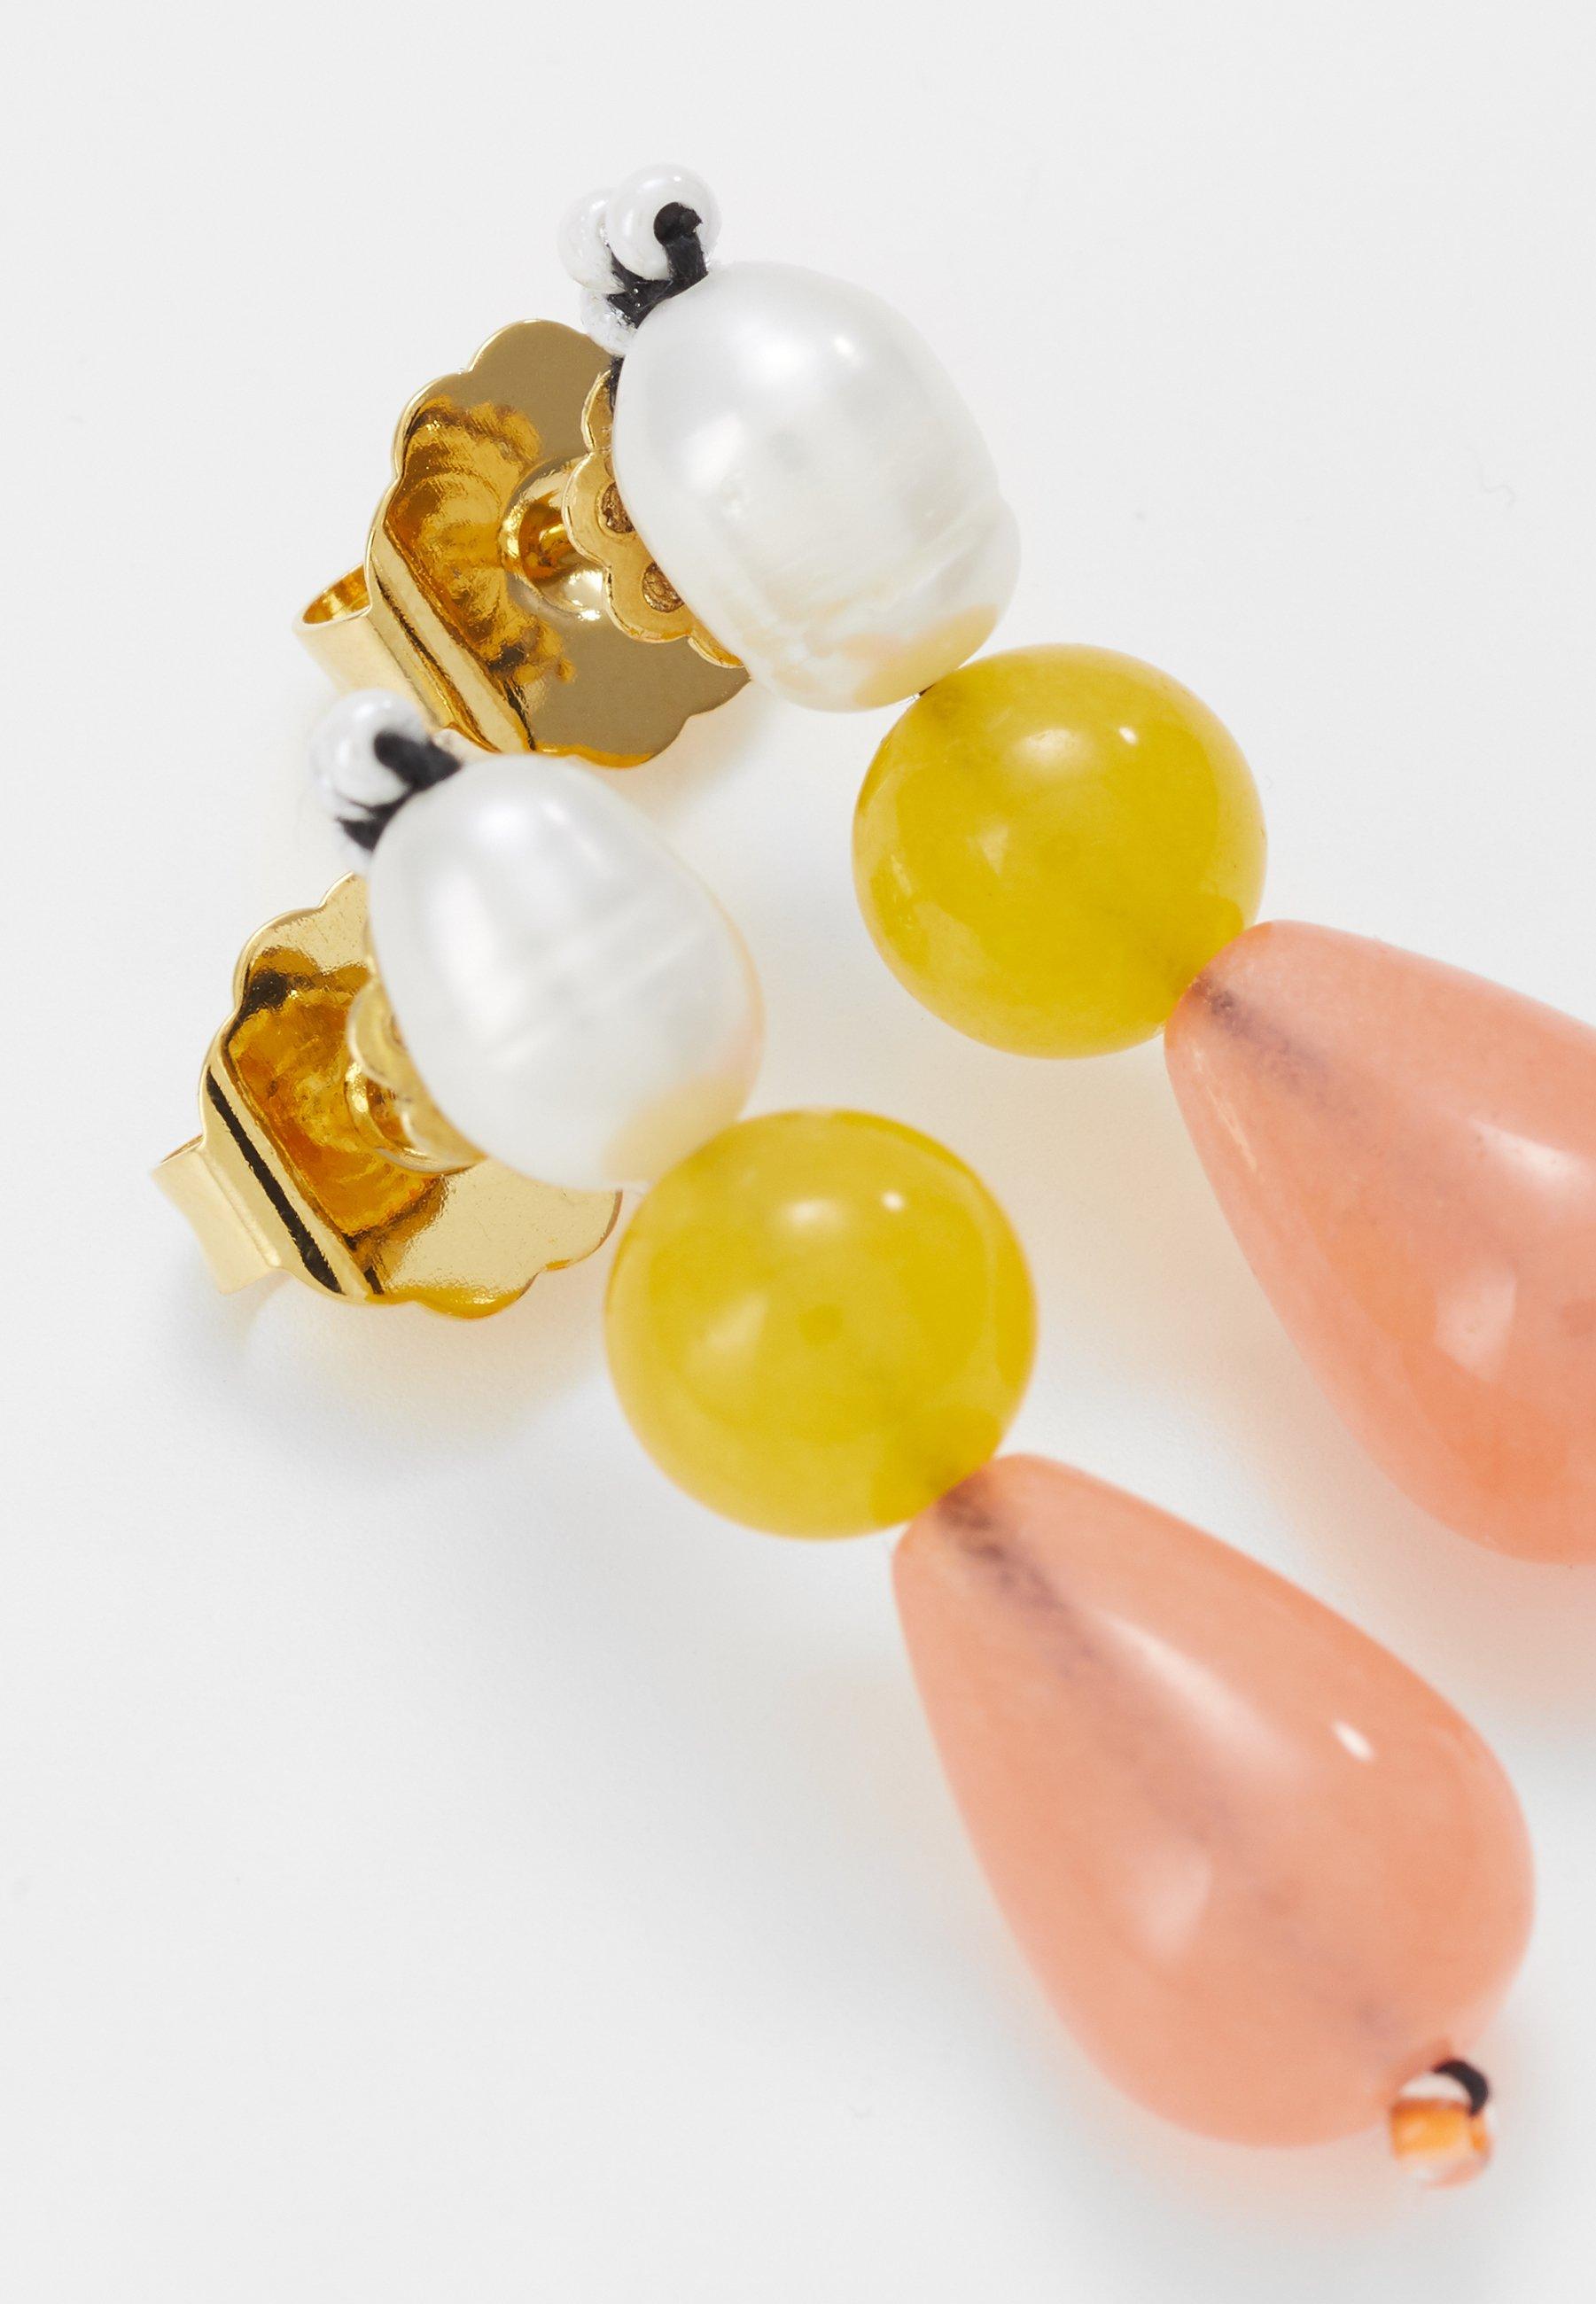 Nieuwe Stijl Hot Koop Accessoires voor dames dfsh564DUHj Radà EARRINGS Oorbellen peach 0qNW1Pt